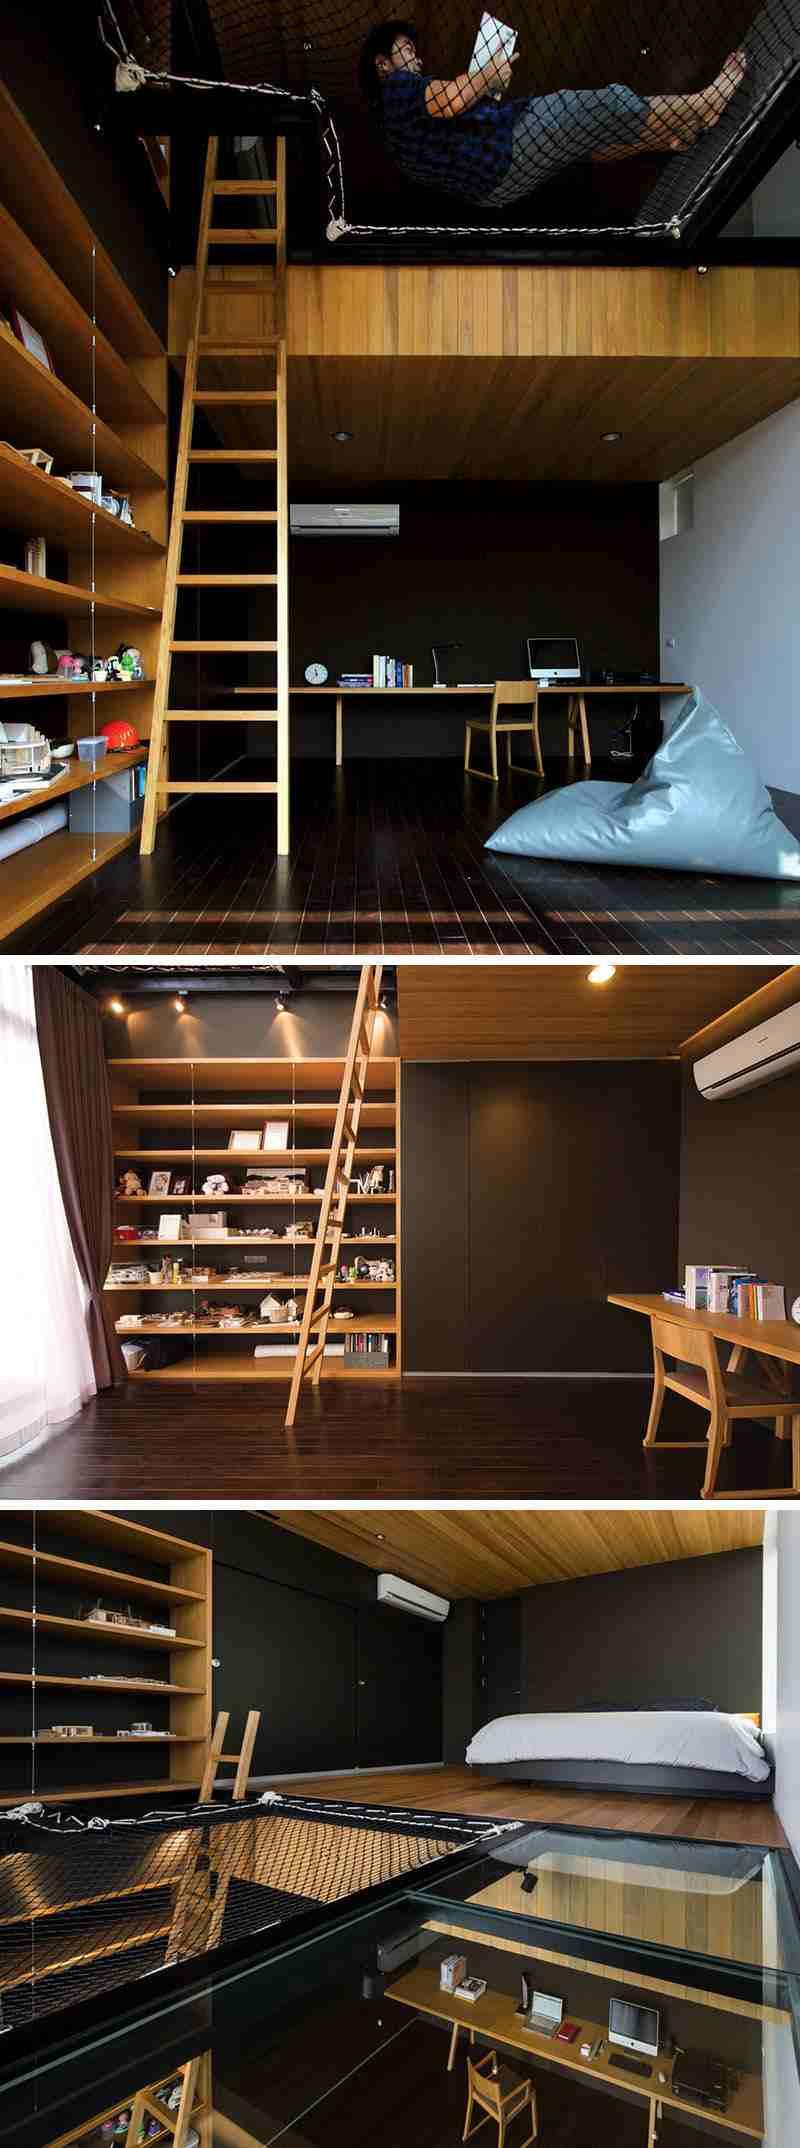 habitaciones calidas estantes muebles diferentes